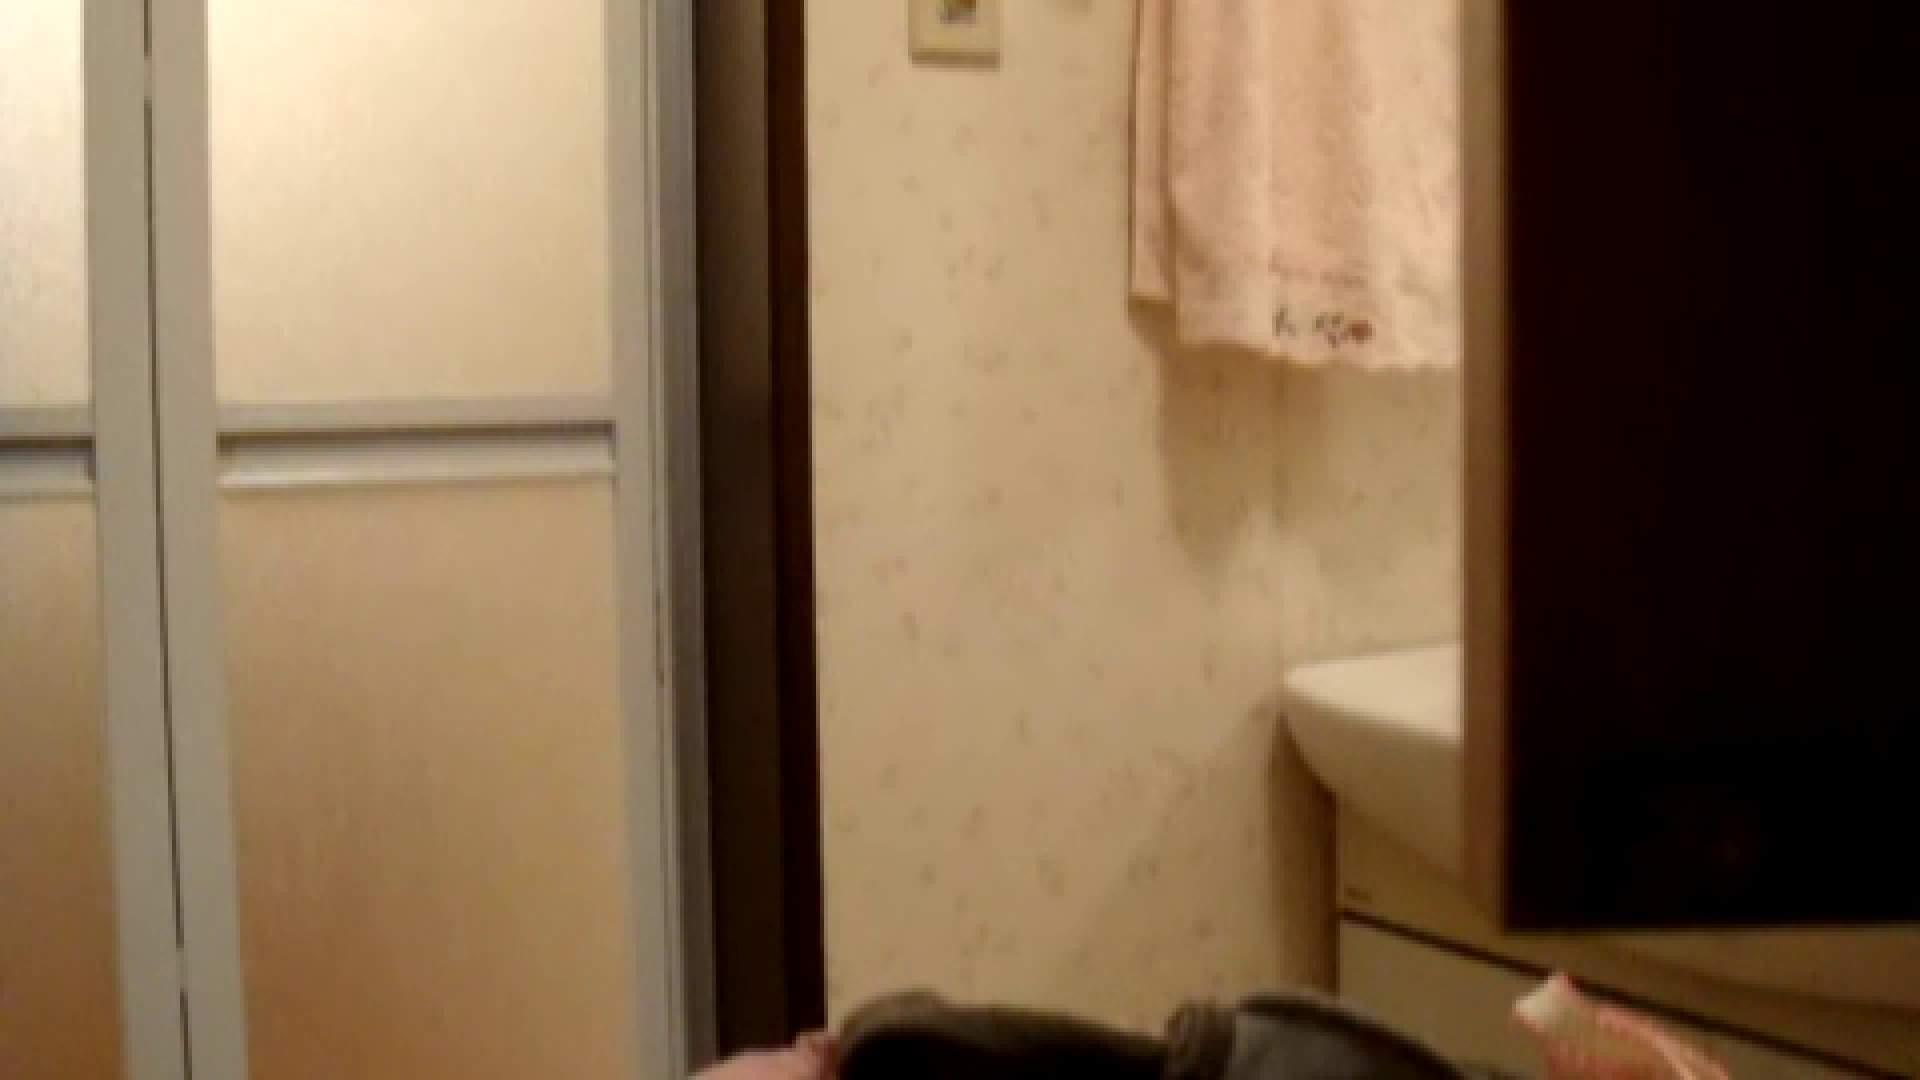 二人とも育てた甲斐がありました… vol.08 まどかの入浴中にカメラに気付いたか!? 入浴  84PIX 60